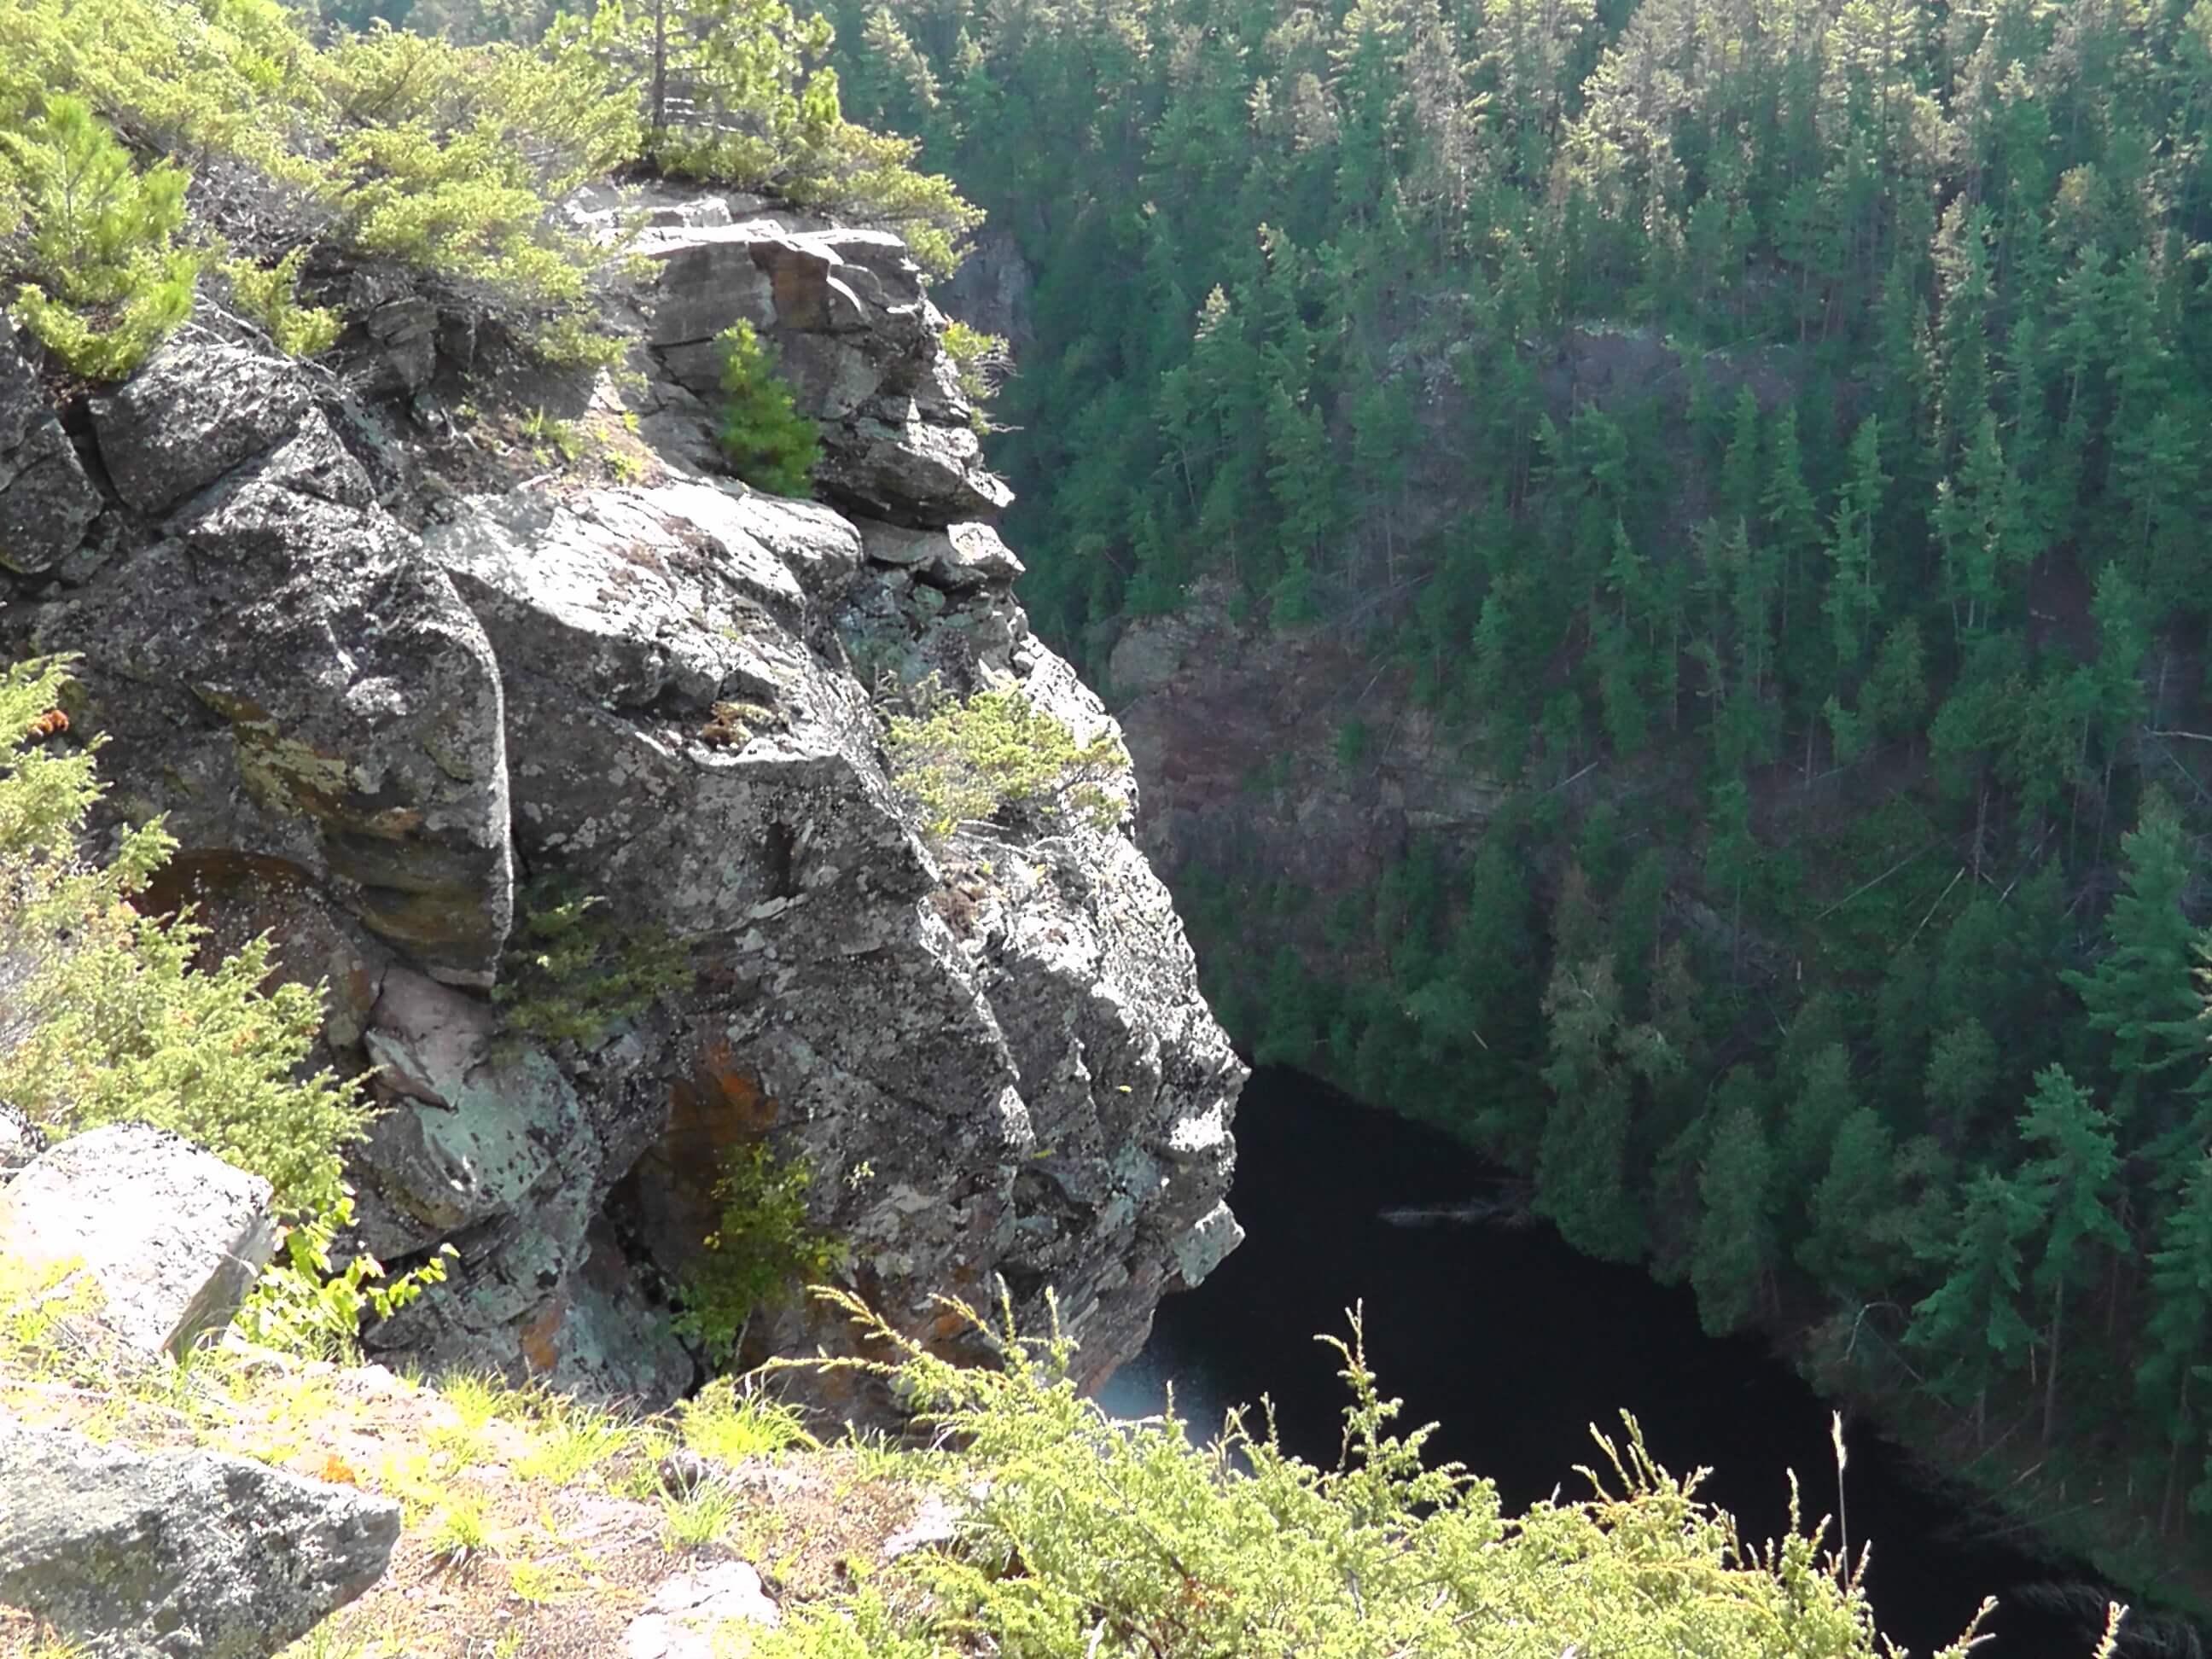 Barron Canyon, Algonquin Provincial Park, Eastern Ontario